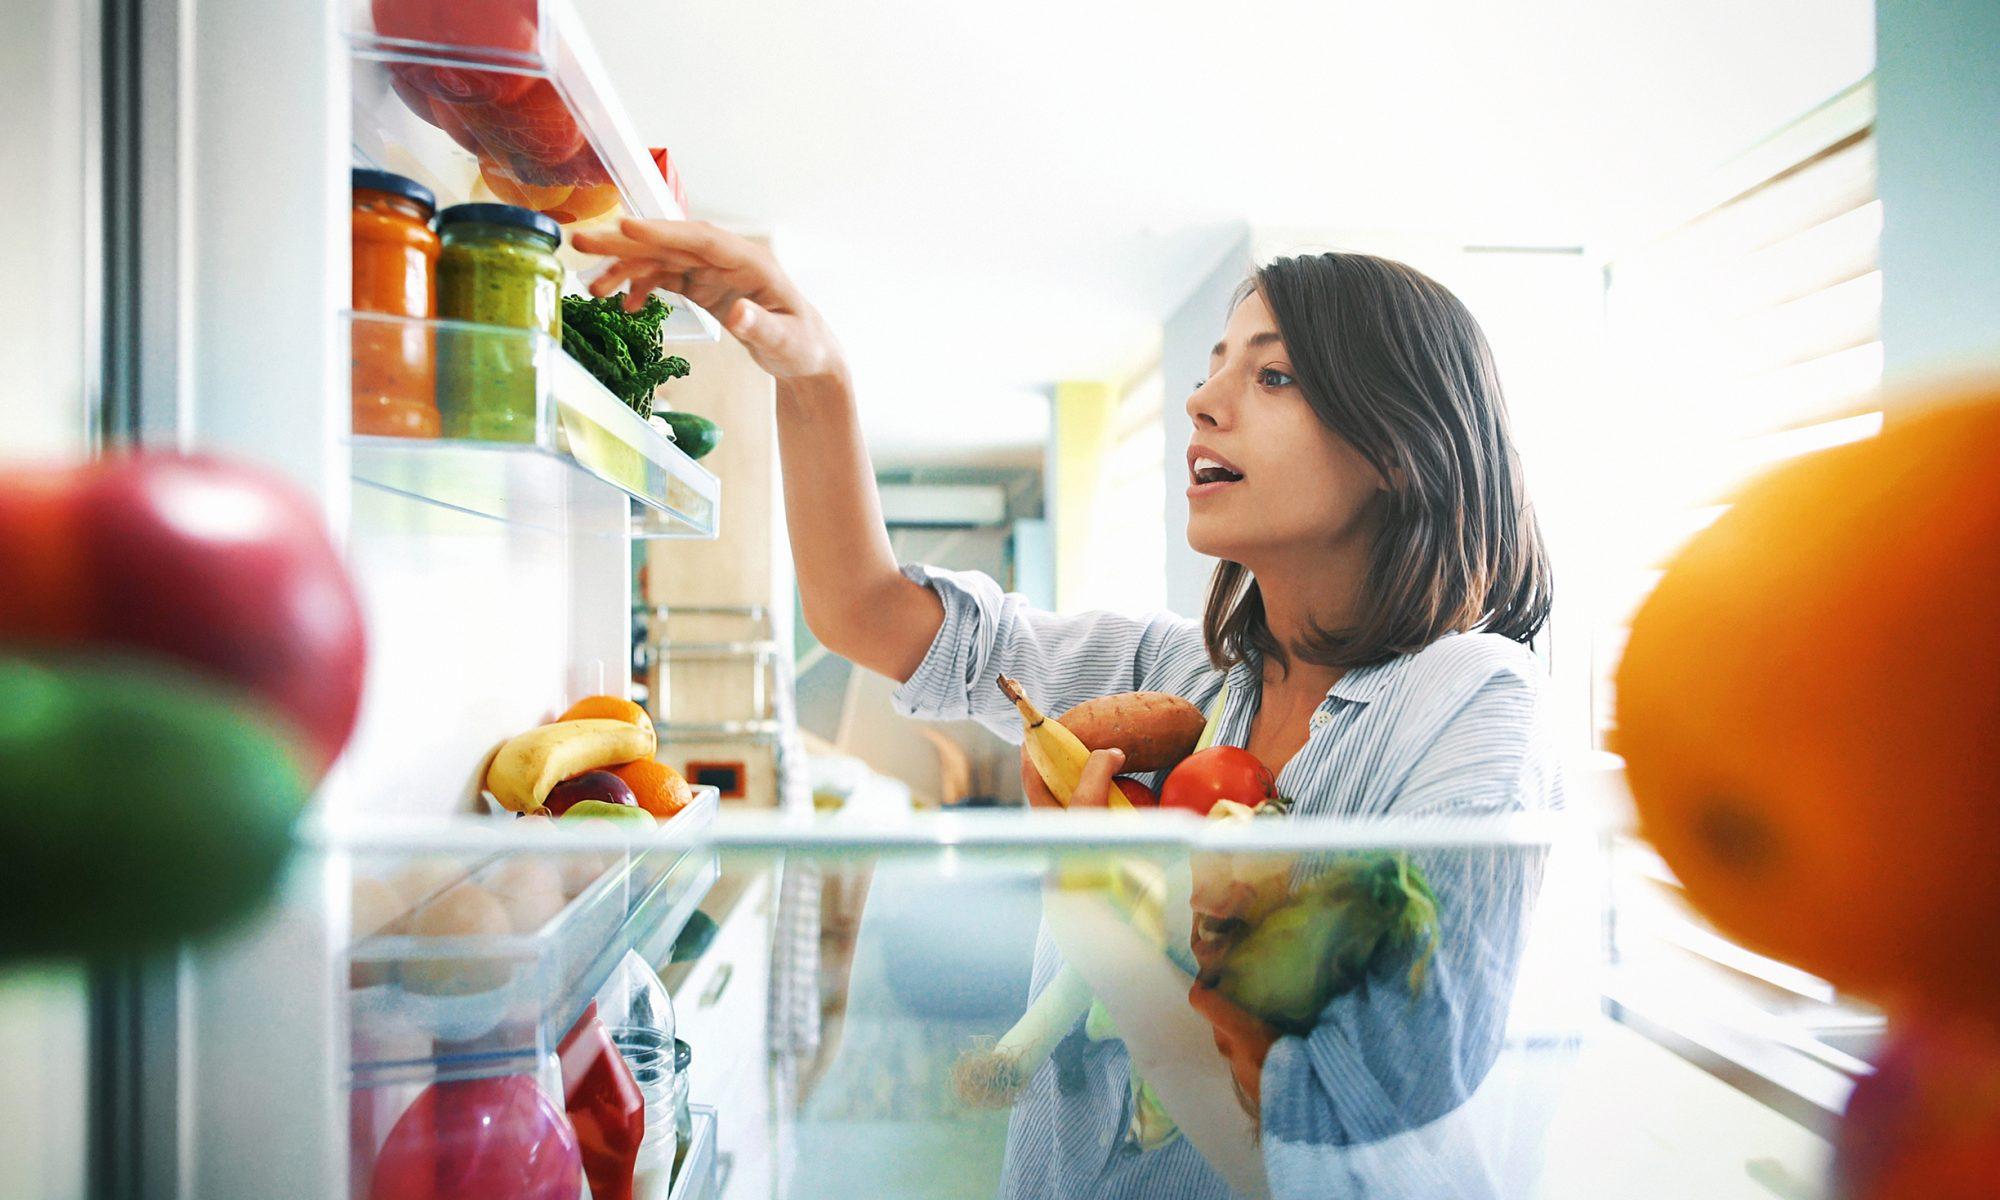 Kulina - 3 Cara Menyimpan Makanan Agar Tahan Lama